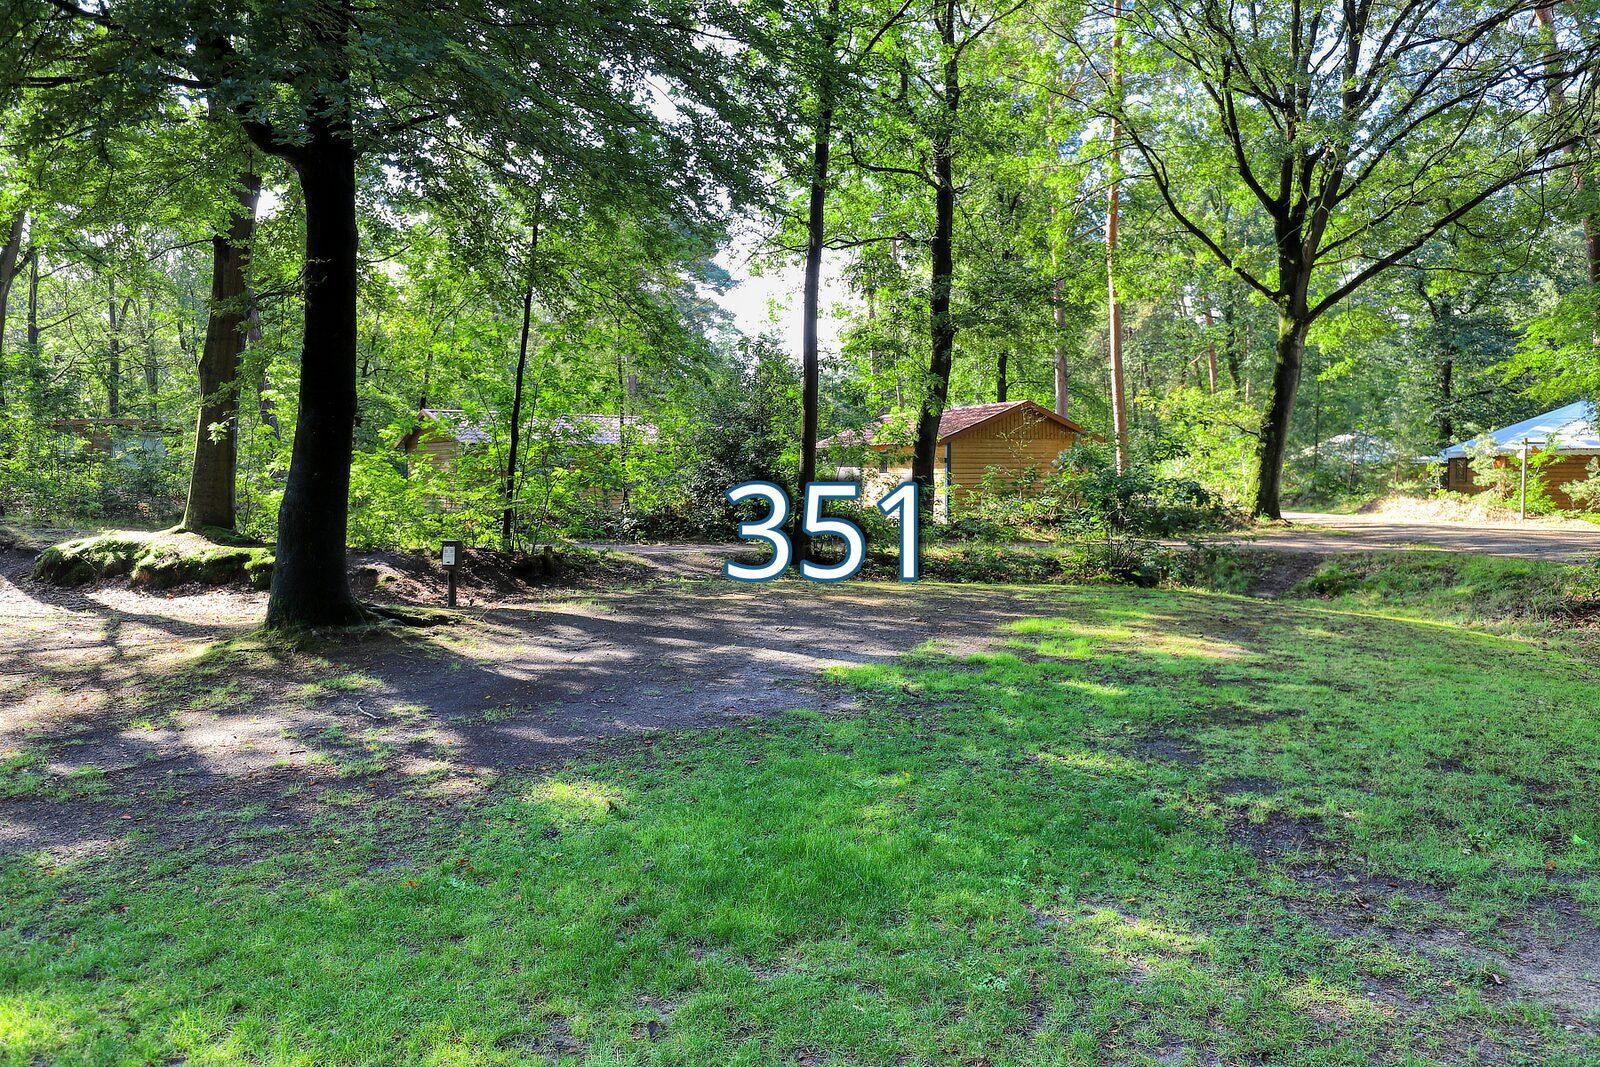 houtduif 351